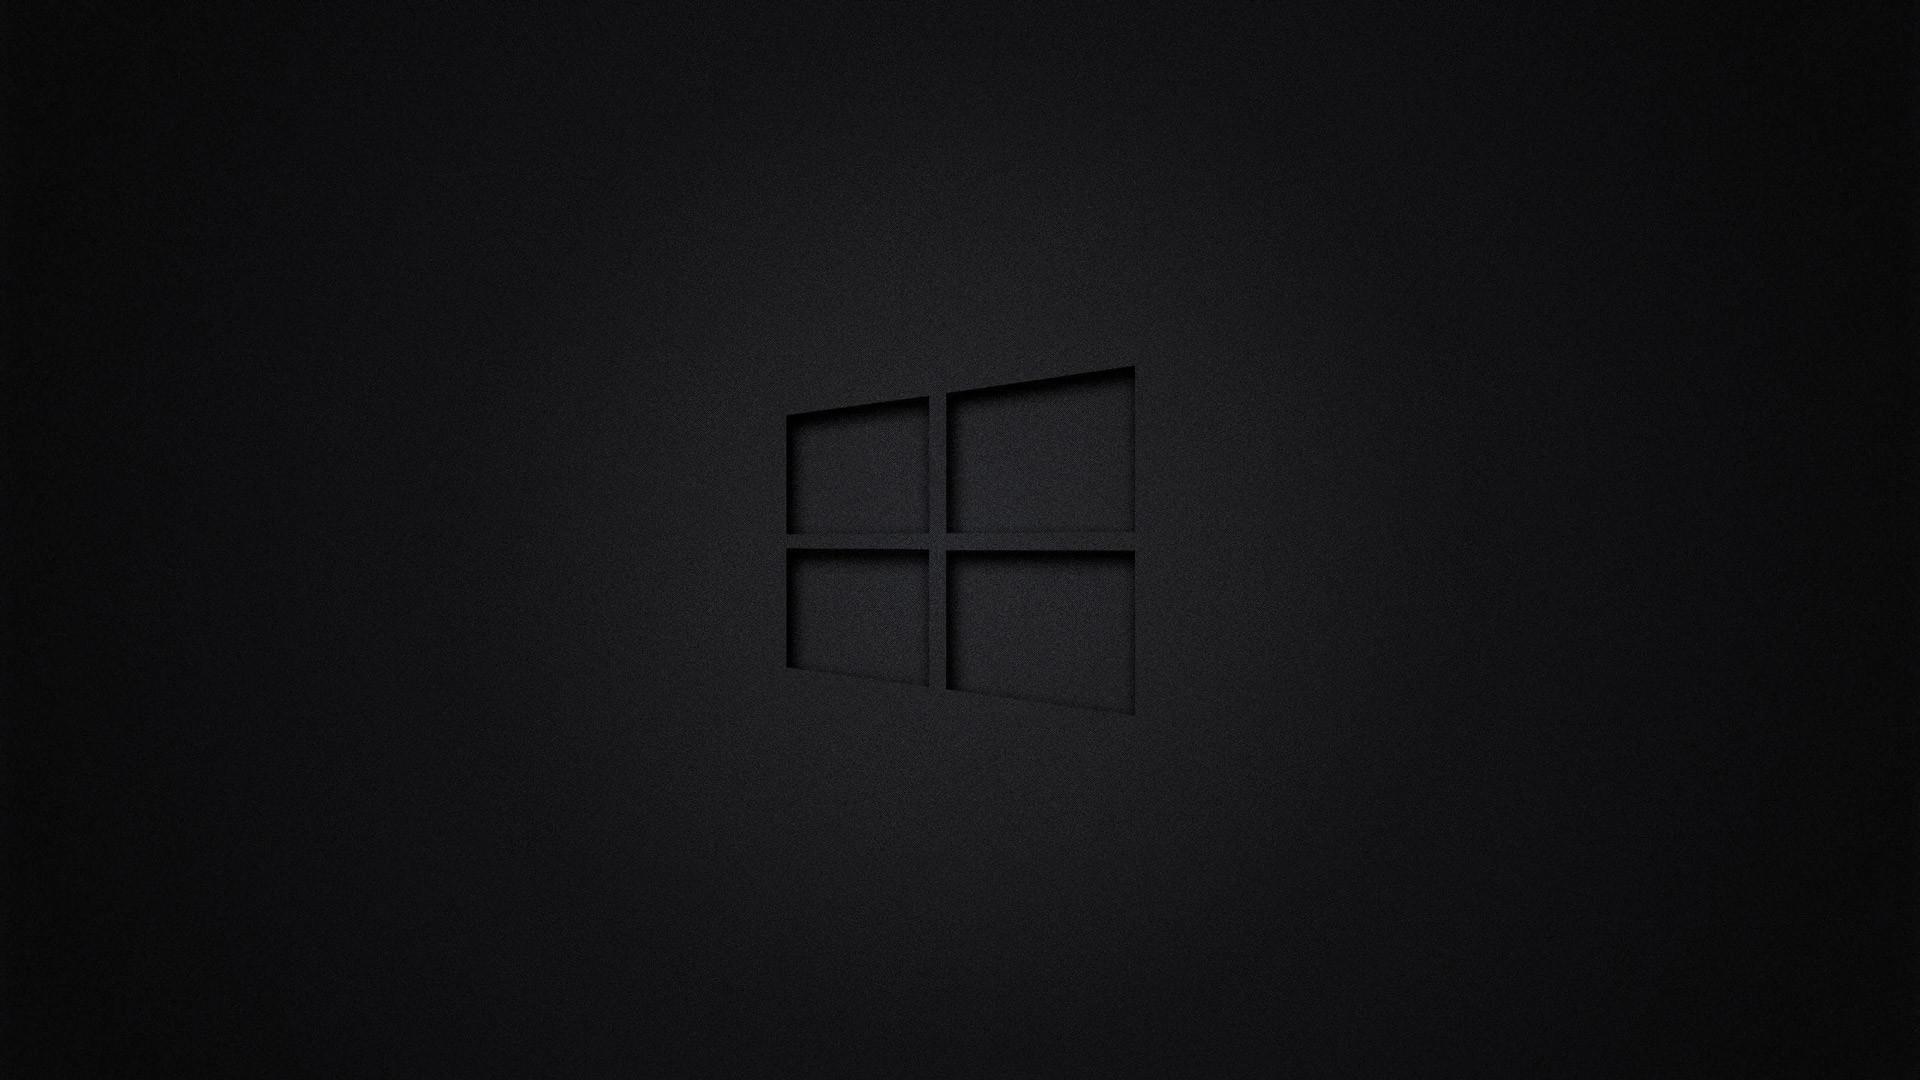 Res: 1920x1080, Windows 10 Dark (1280x1024 Resolution)